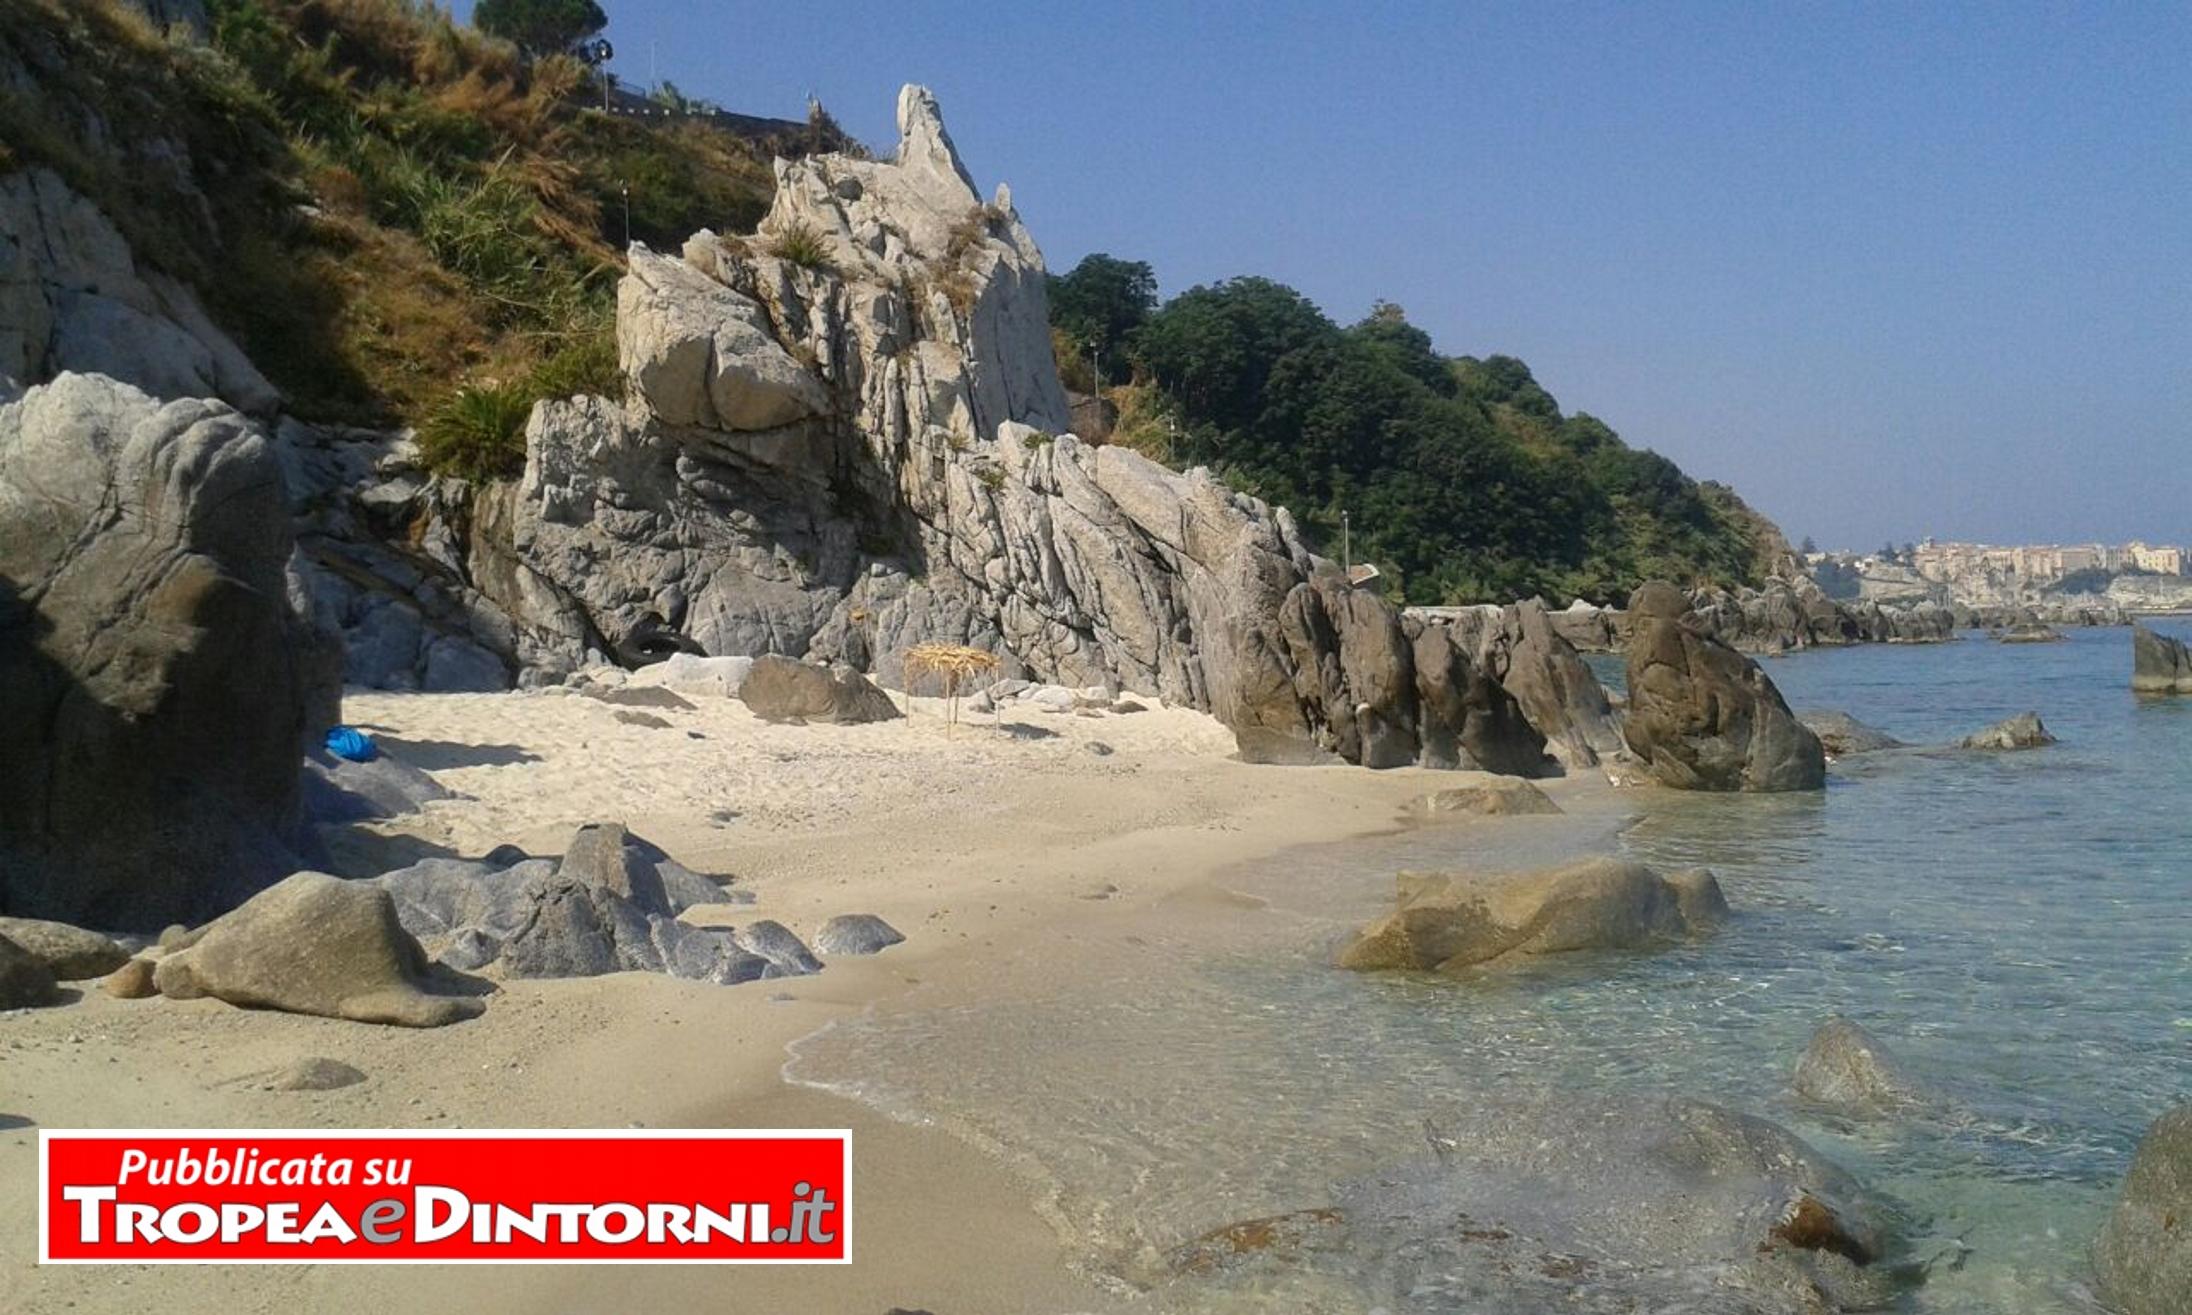 Suggestivo scorcio della spiaggia di Parghelia - foto Carmen Donè